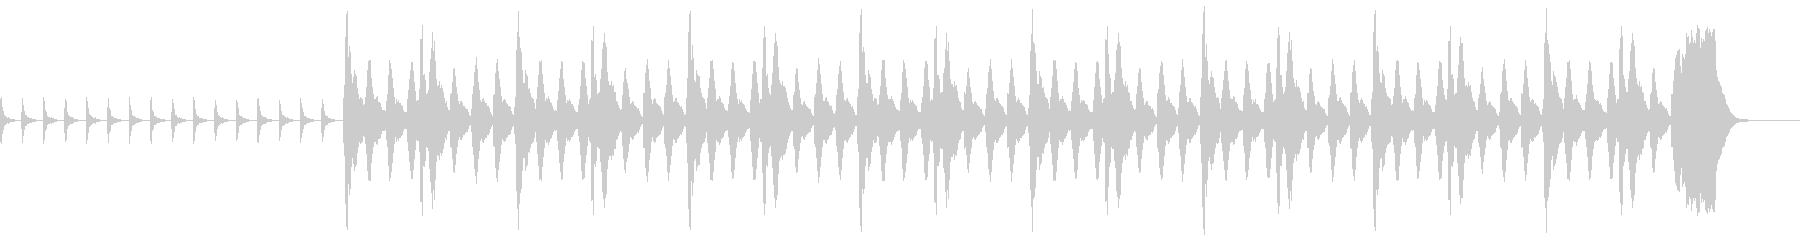 ホラー系の未再生の波形